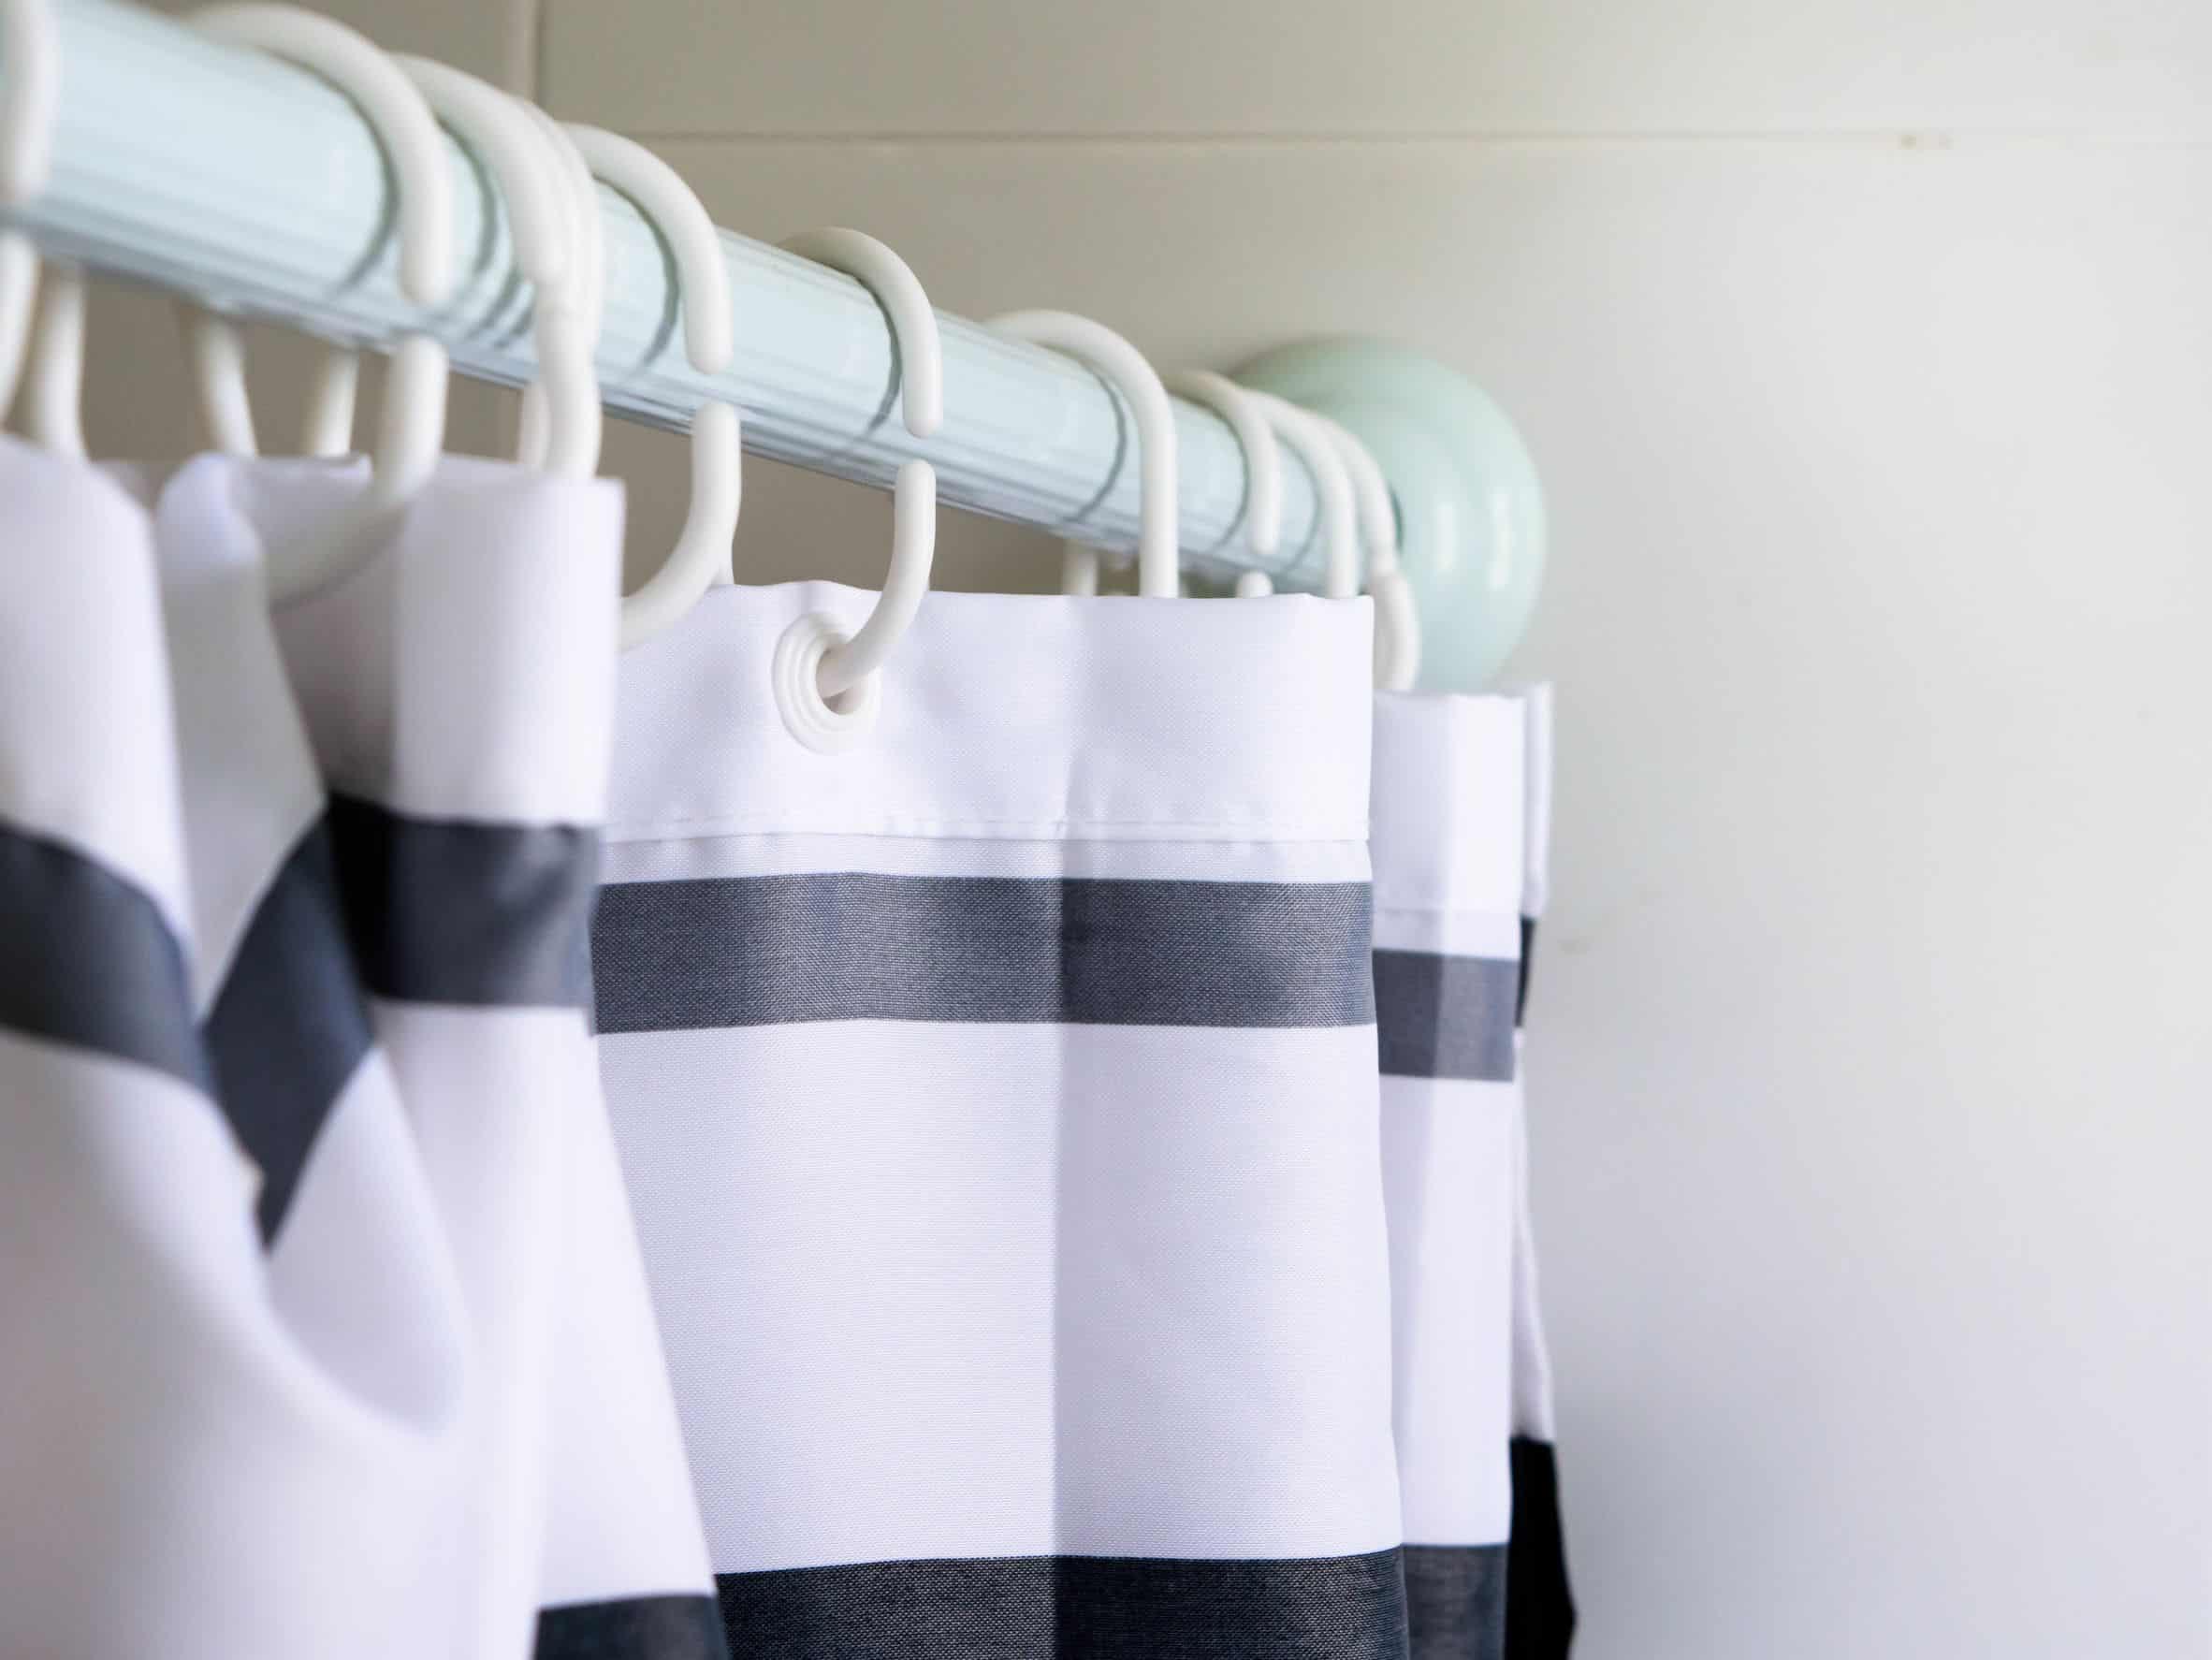 Foto de uma cortina branca, com listras pretas, presa no box de um banheiro.